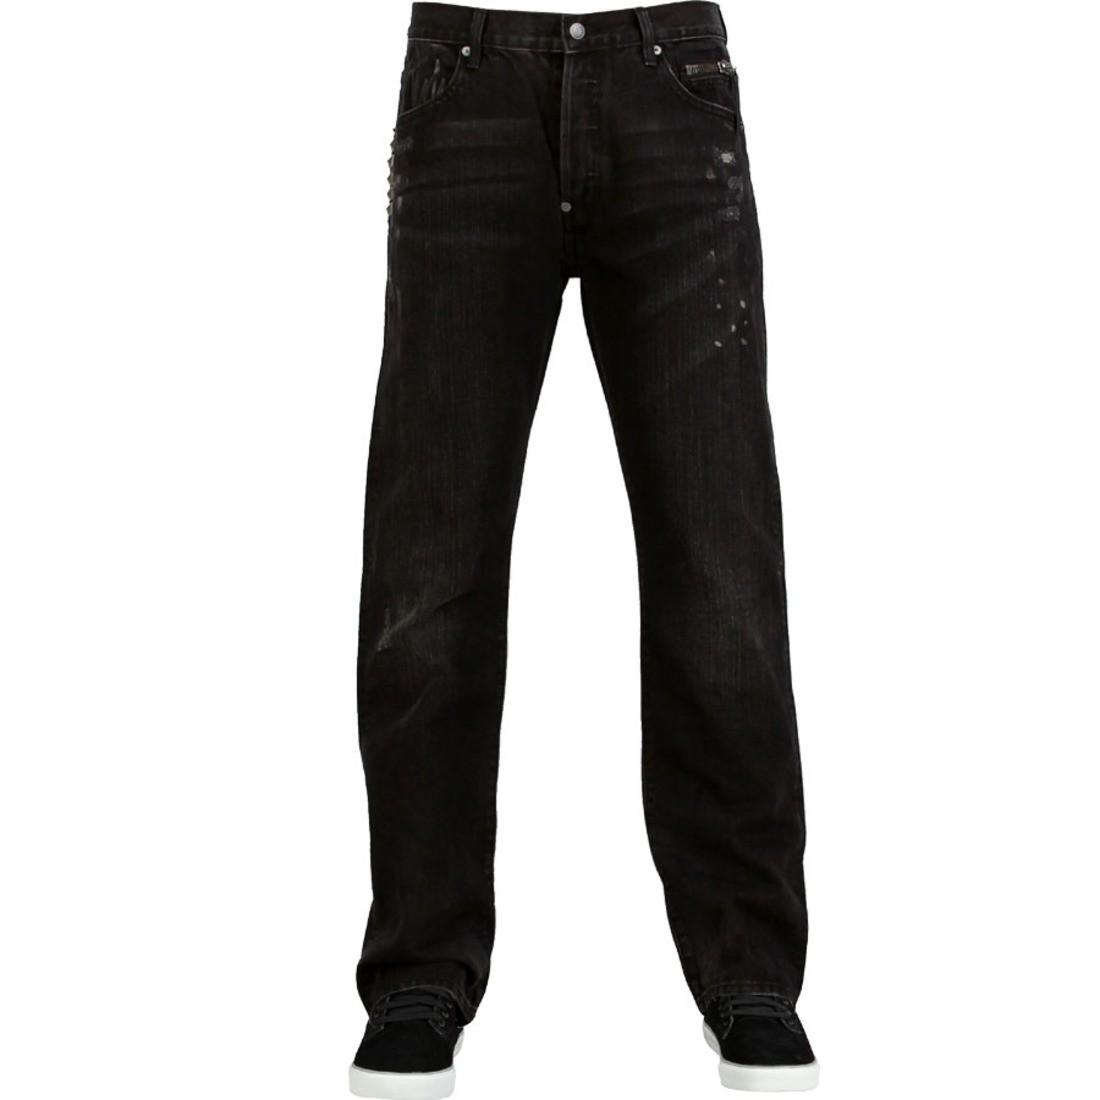 【海外限定】メタル デニム スニーカー メンズ靴 【 THE HUNDREDS HEAVY METAL DENIM JEAN BLACK 】